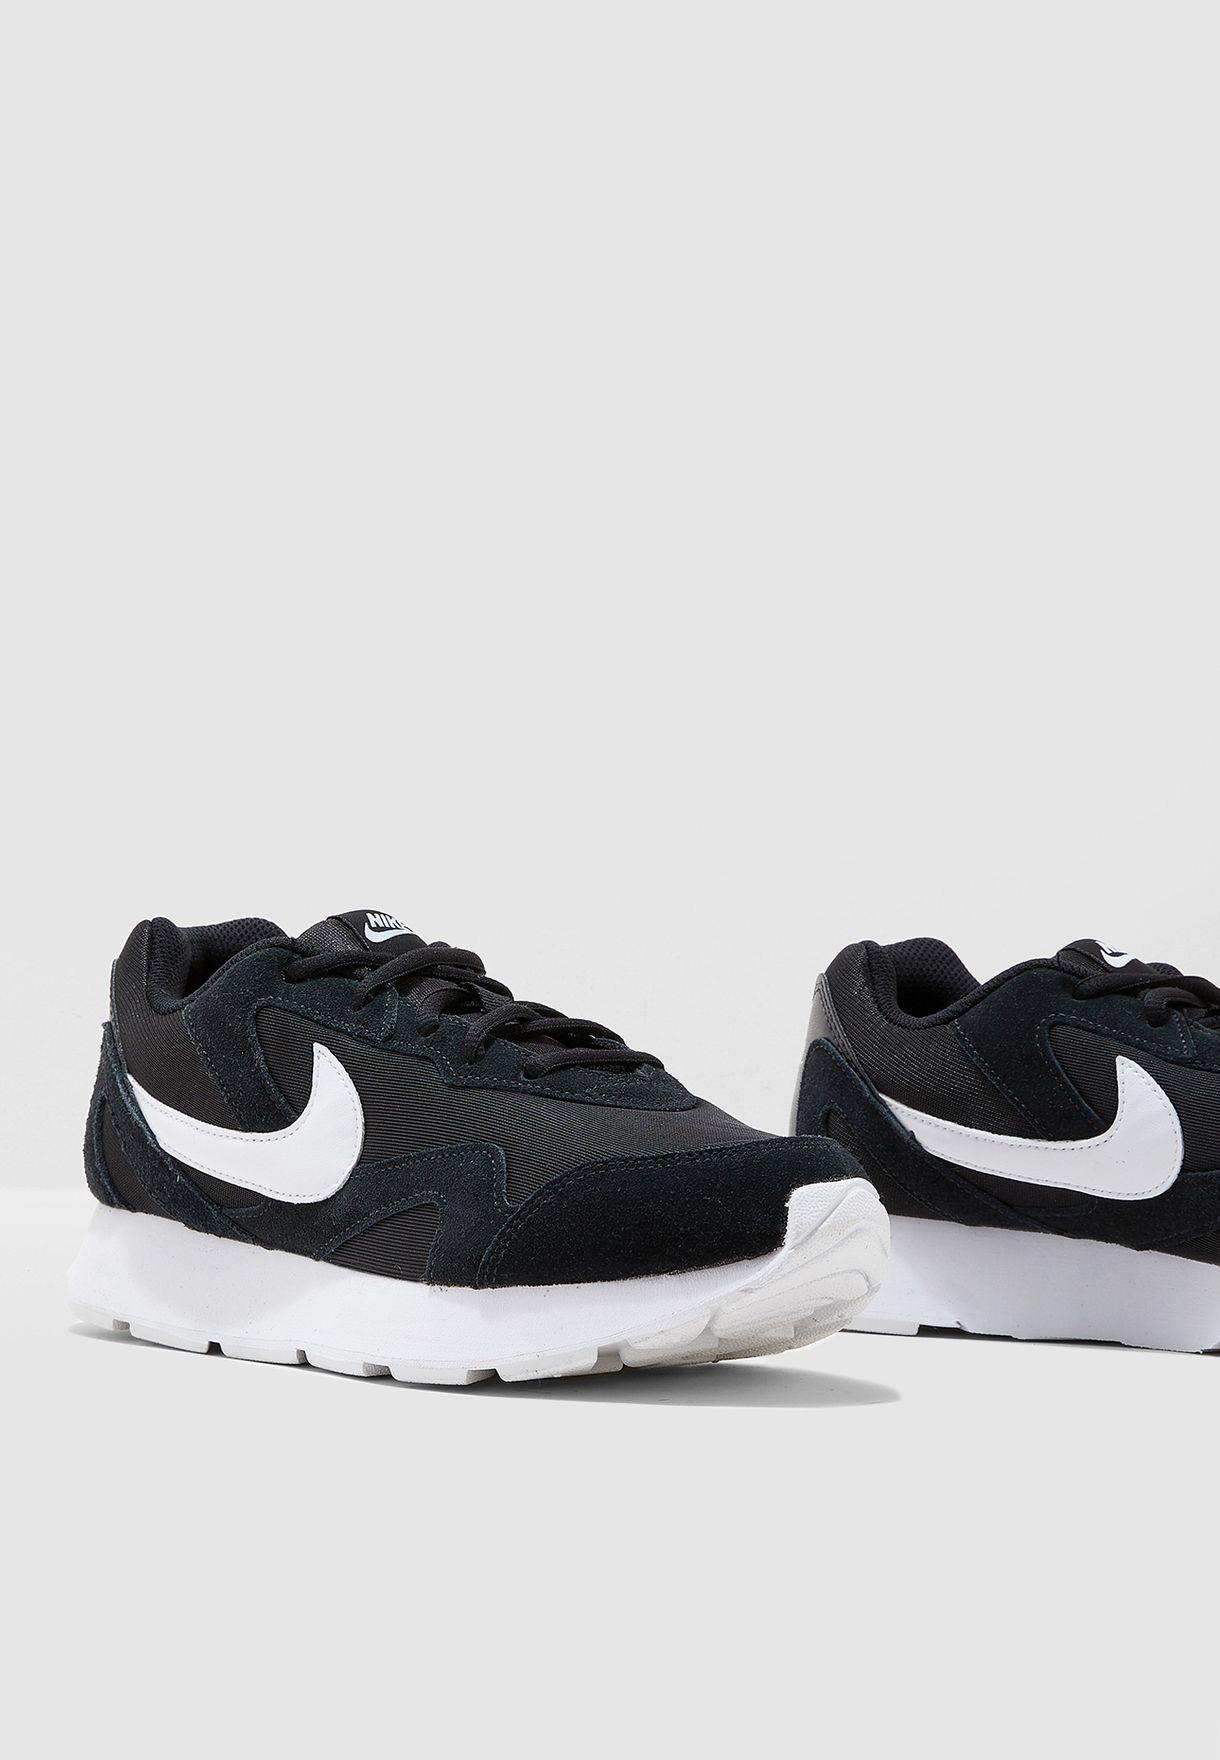 cb8db6979a4 Shop Nike black Delfine CD7090-001 for Men in Qatar - 72704SH41TRP